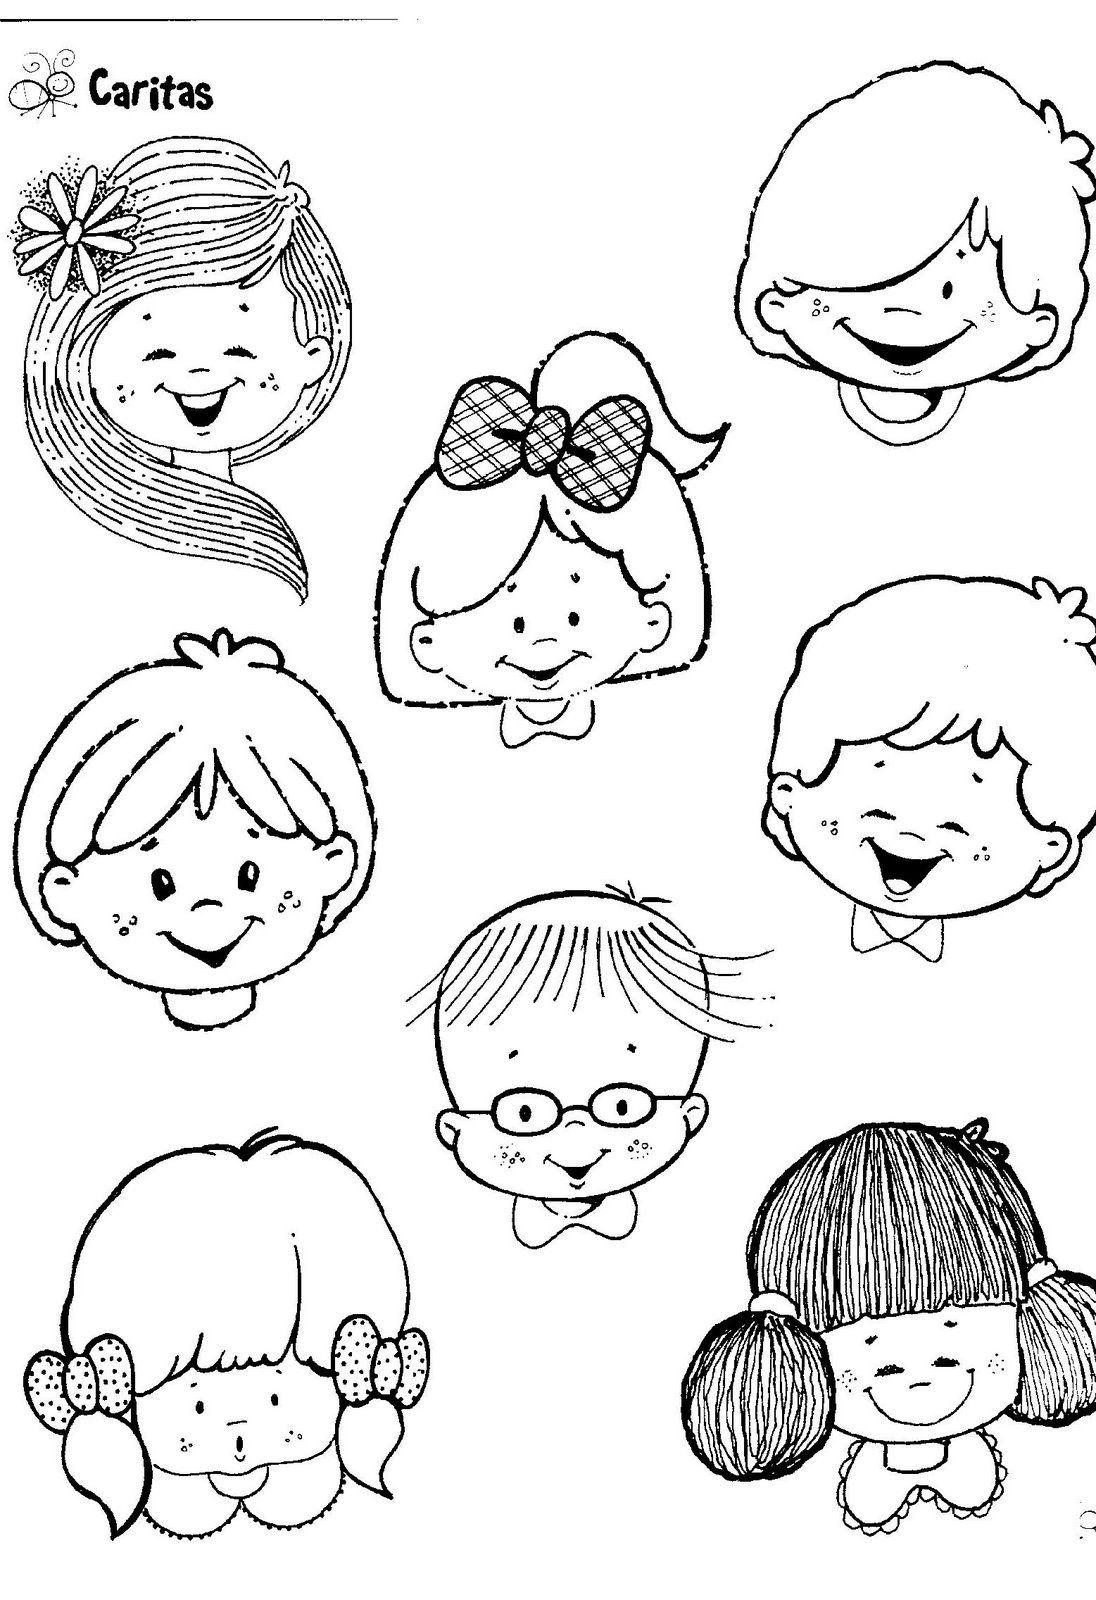 Dibujo de caras alegres para descargar | Escolar | Pinterest ...